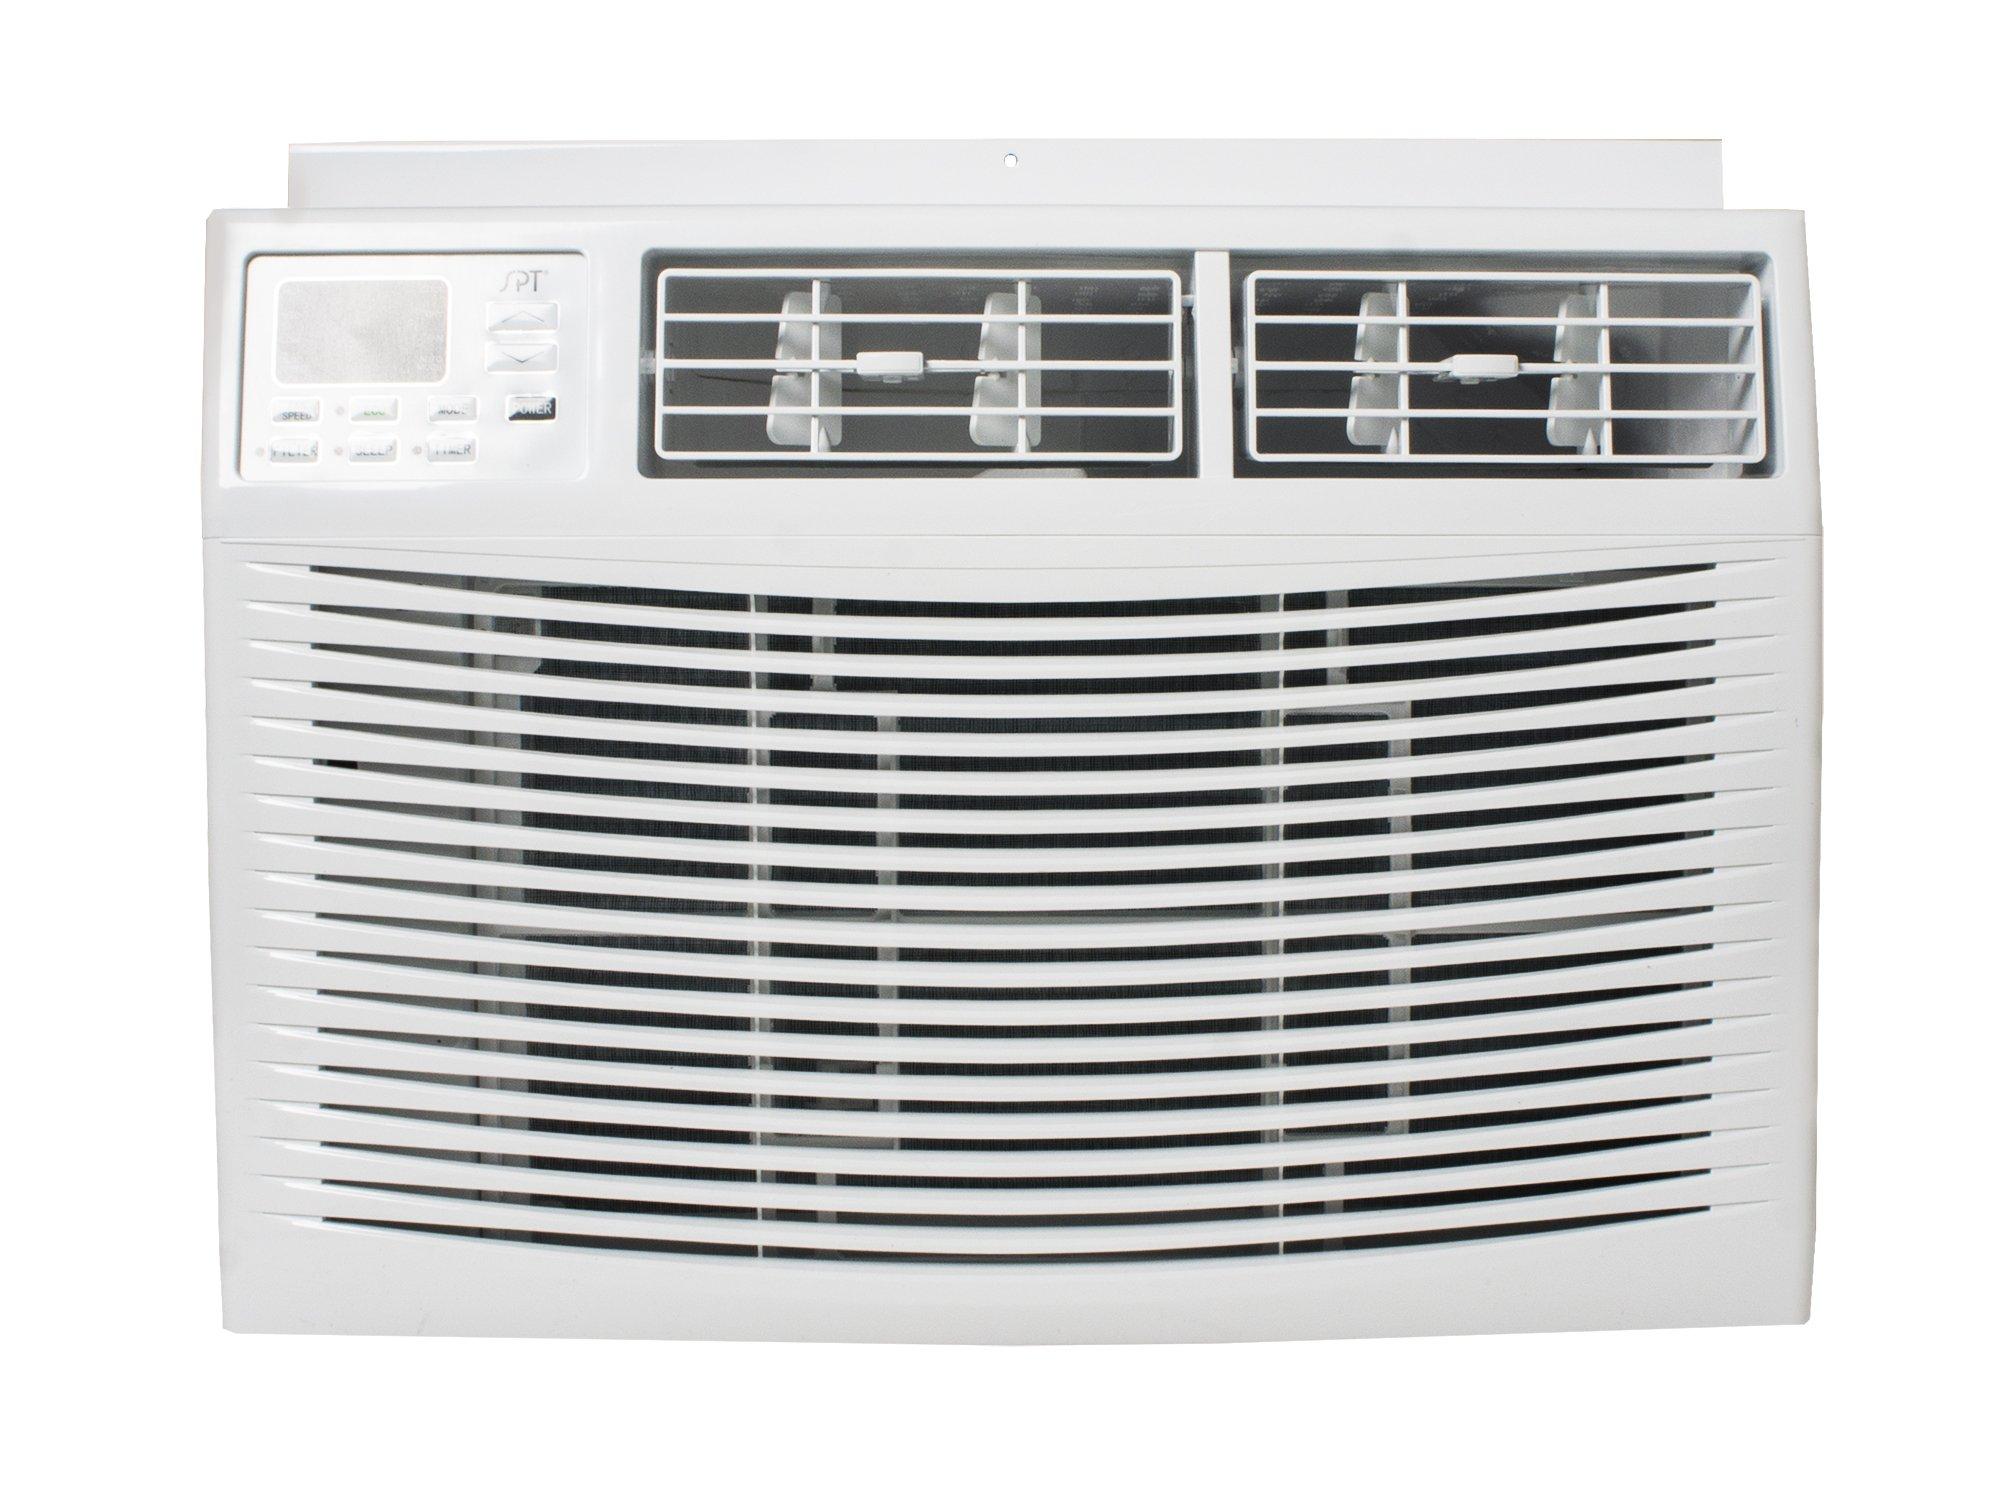 Spt Wa 1223s 12k Btu Window Air Conditioner Energy Star